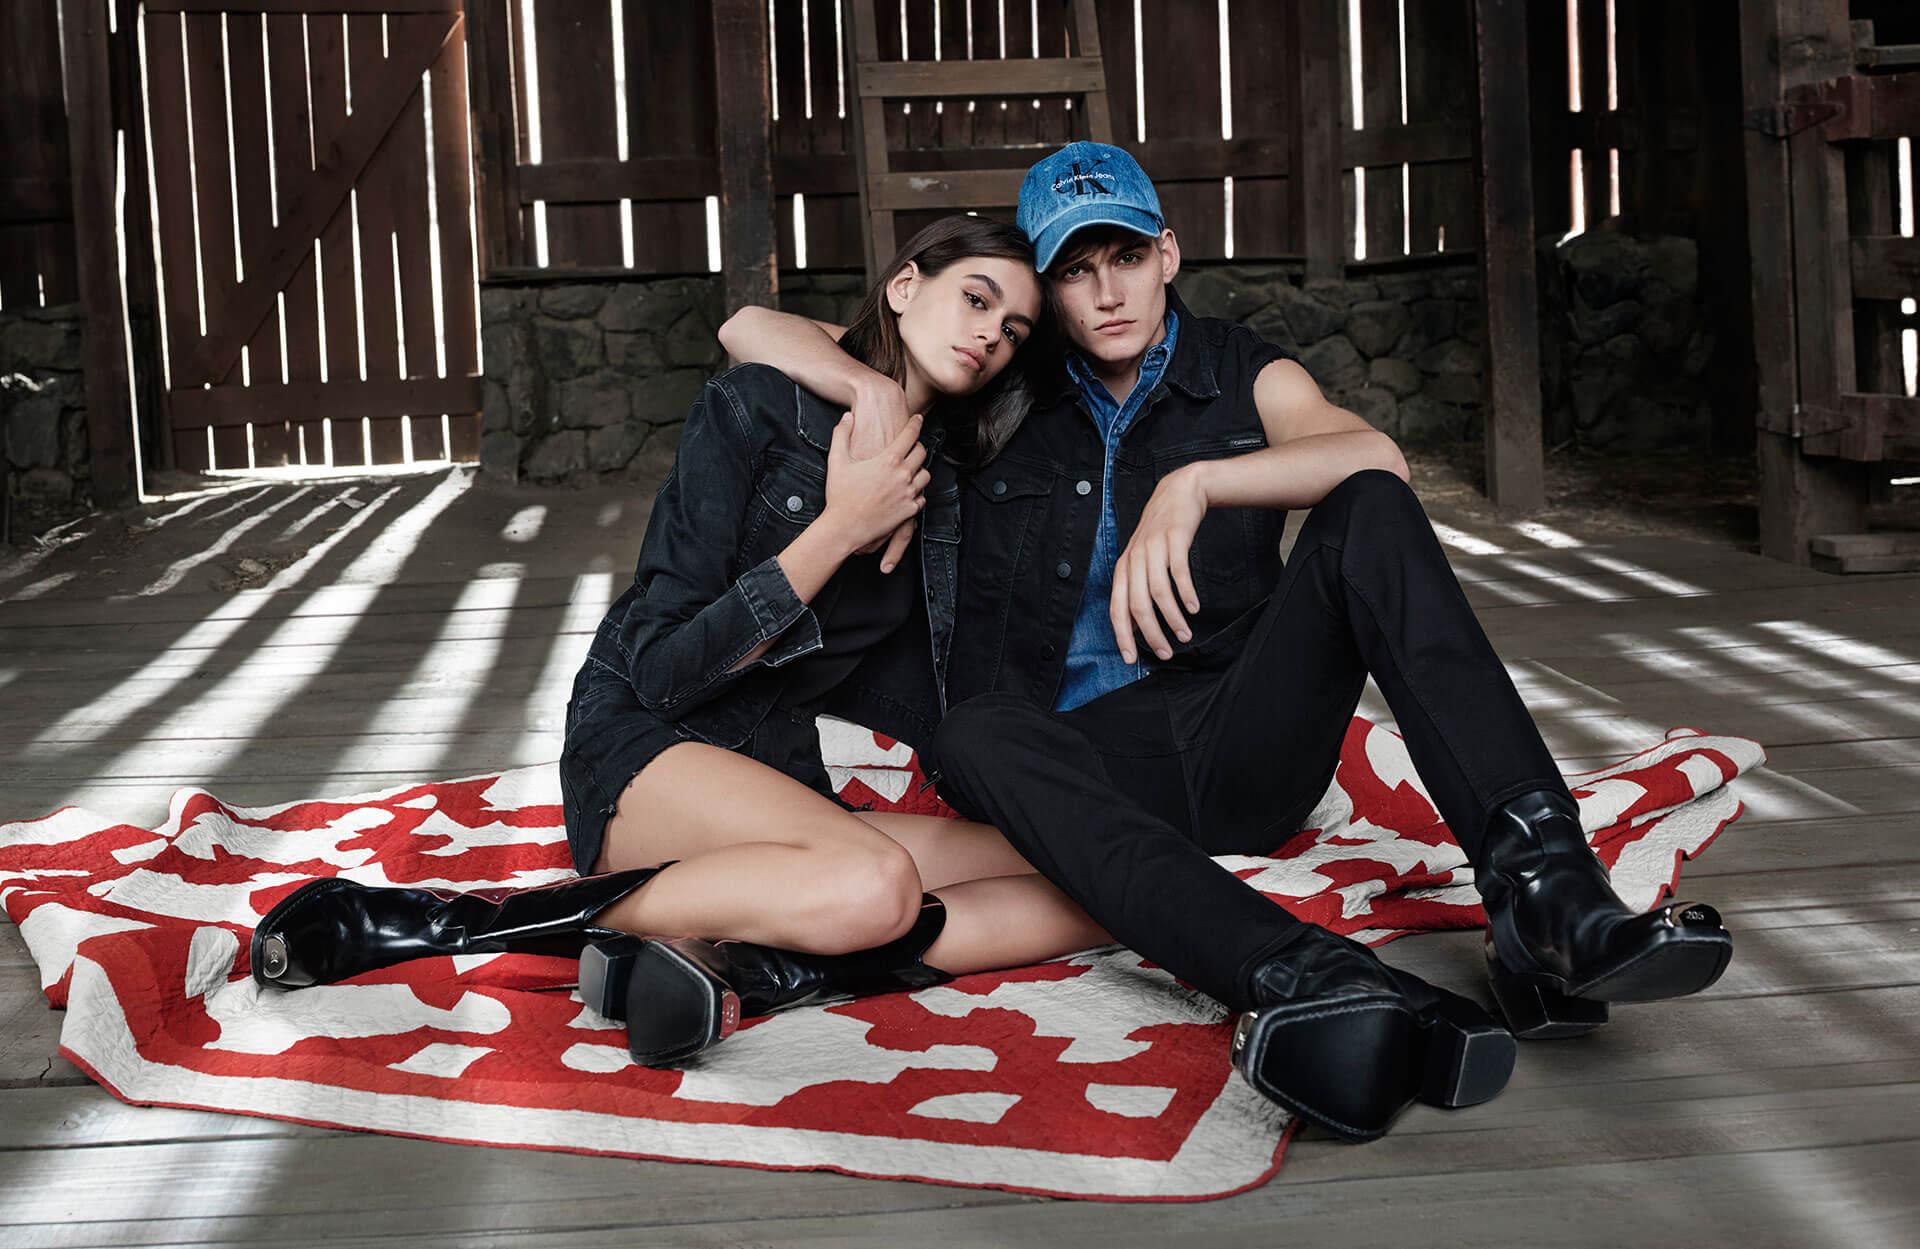 Кайя и Пресли Гербер снялись в рекламной кампании Calvin Klein-320x180